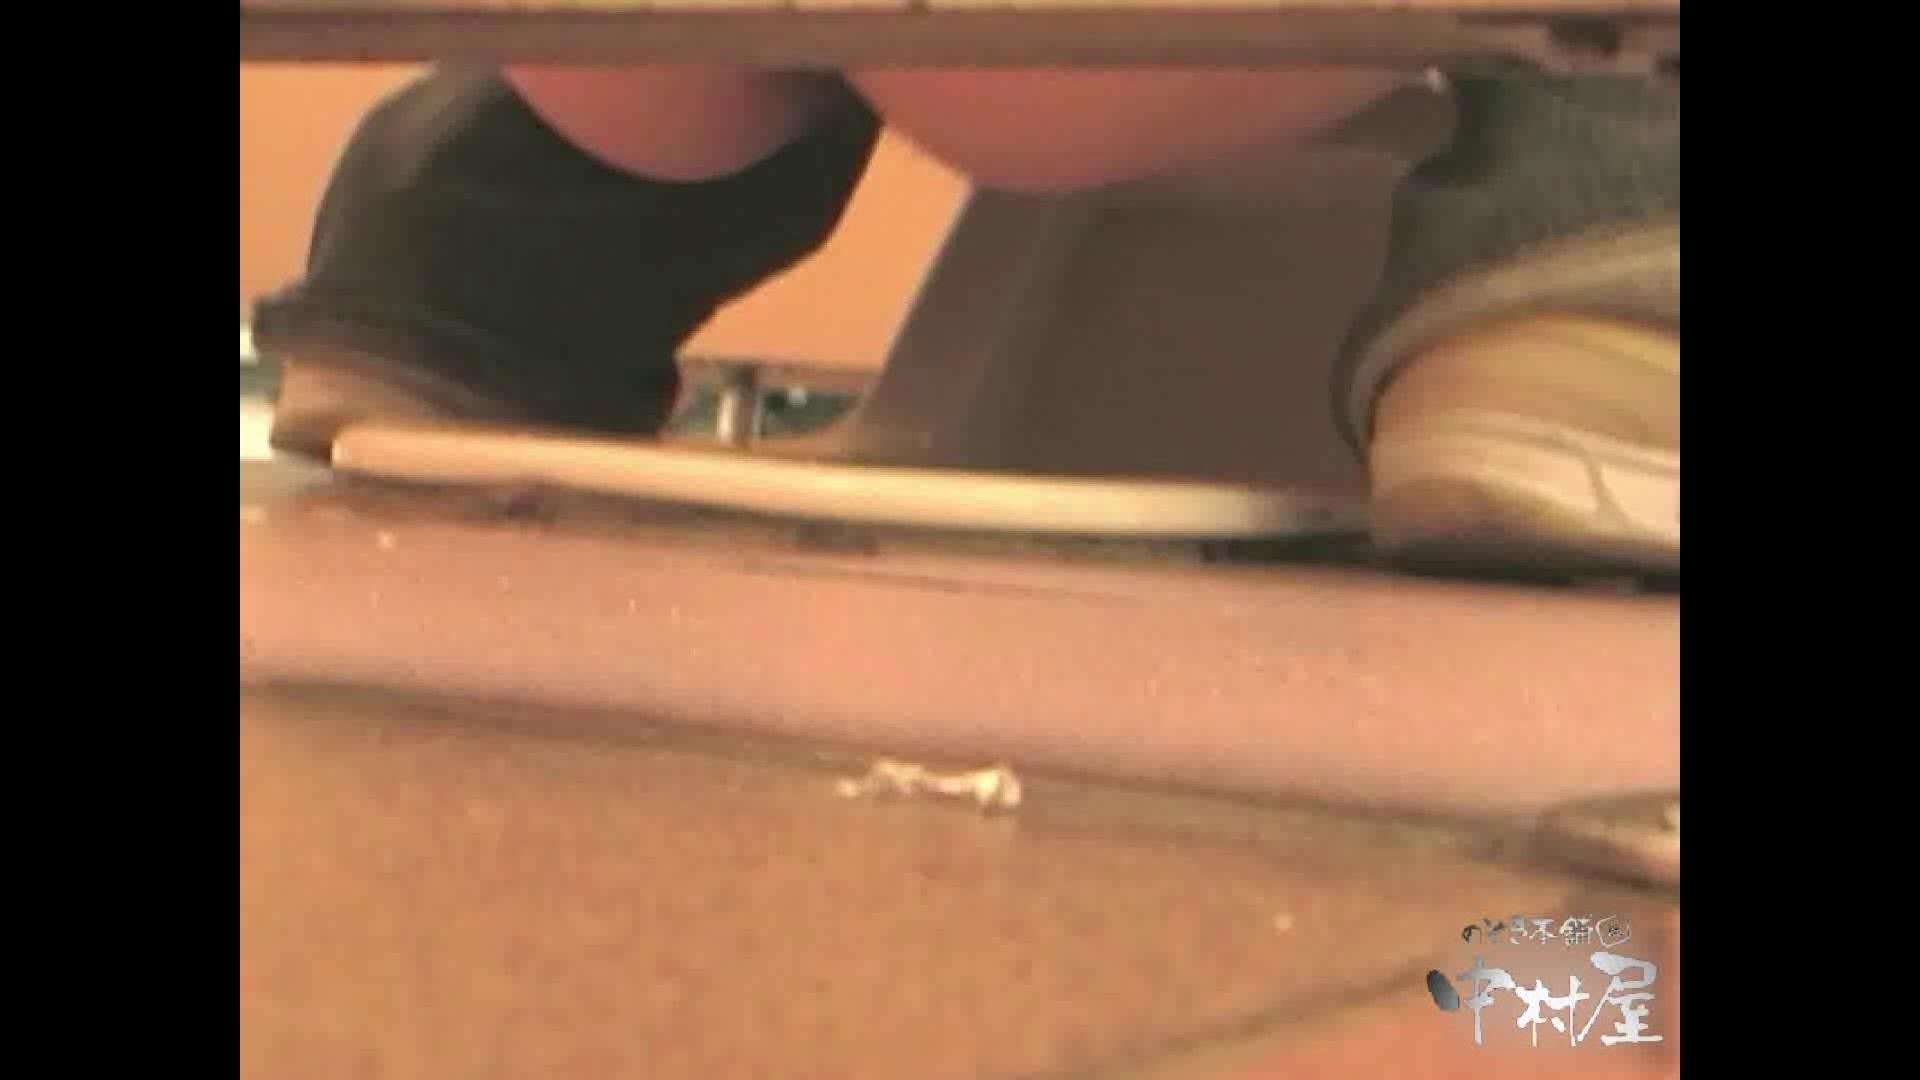 岩手県在住盗撮師盗撮記録vol.01 OLのプライベート おめこ無修正動画無料 12pic 2